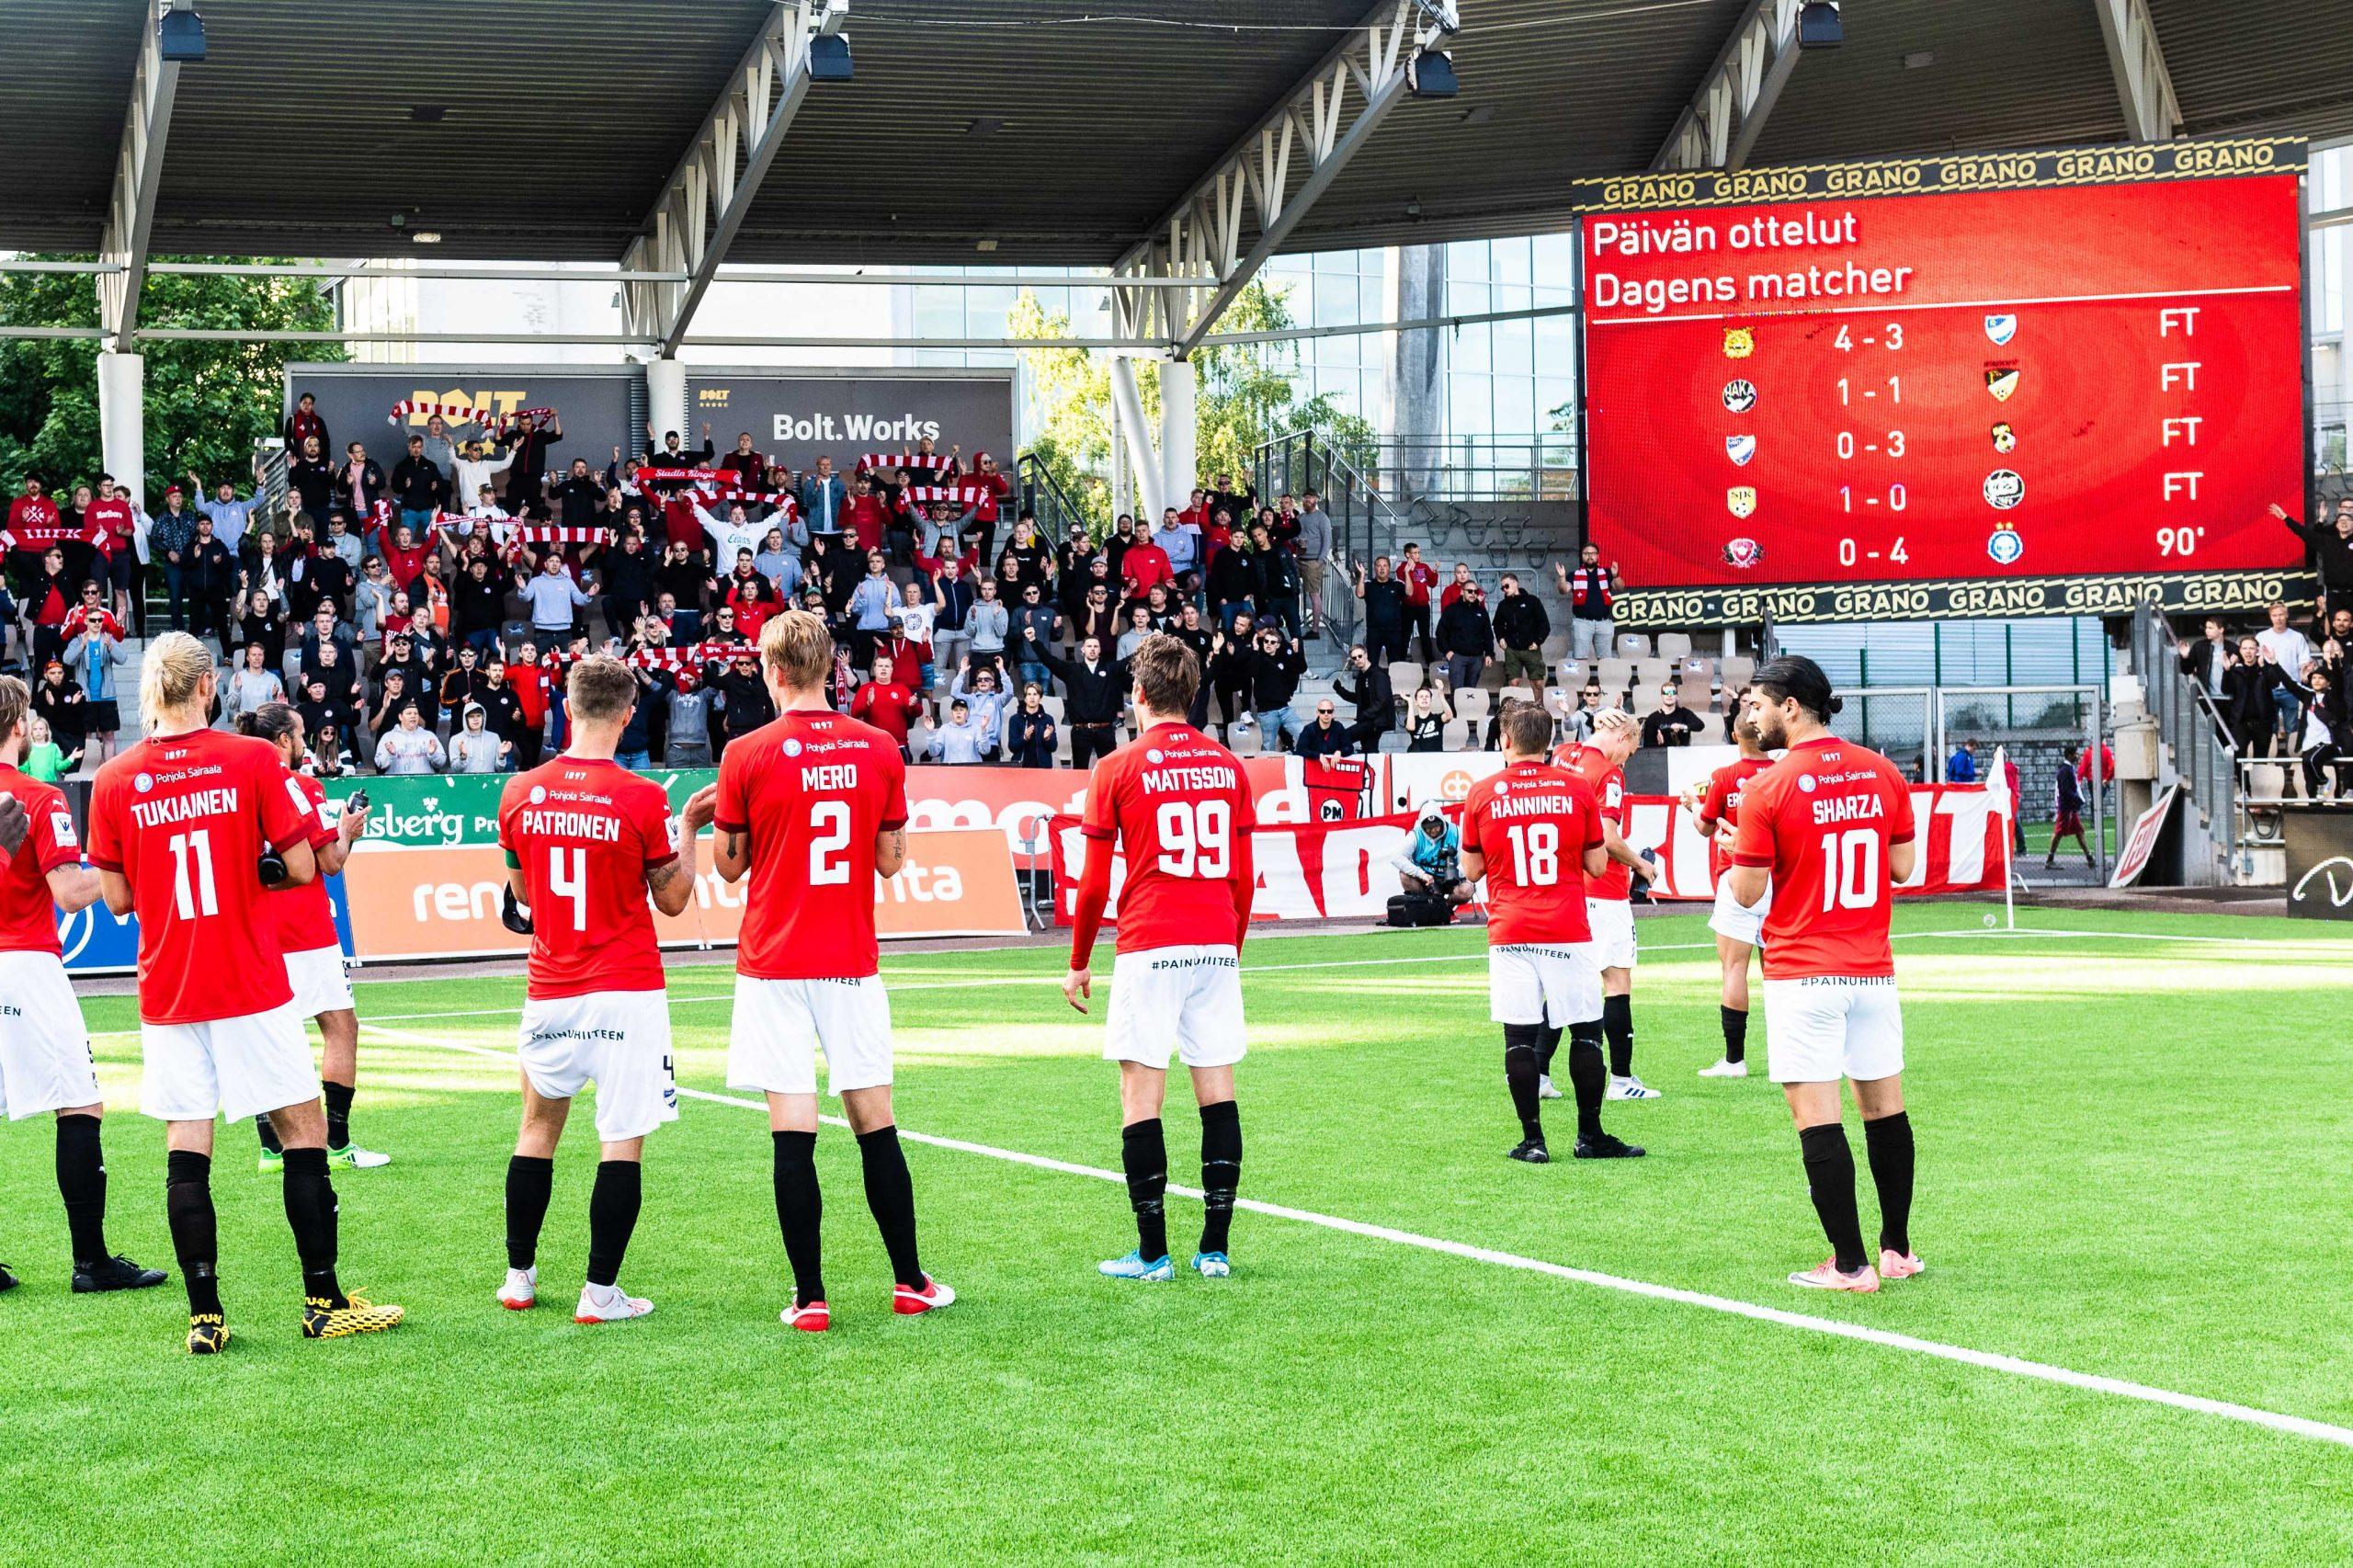 Veikkausliigasäsongen 2020 avslutas vid grundseriens slut